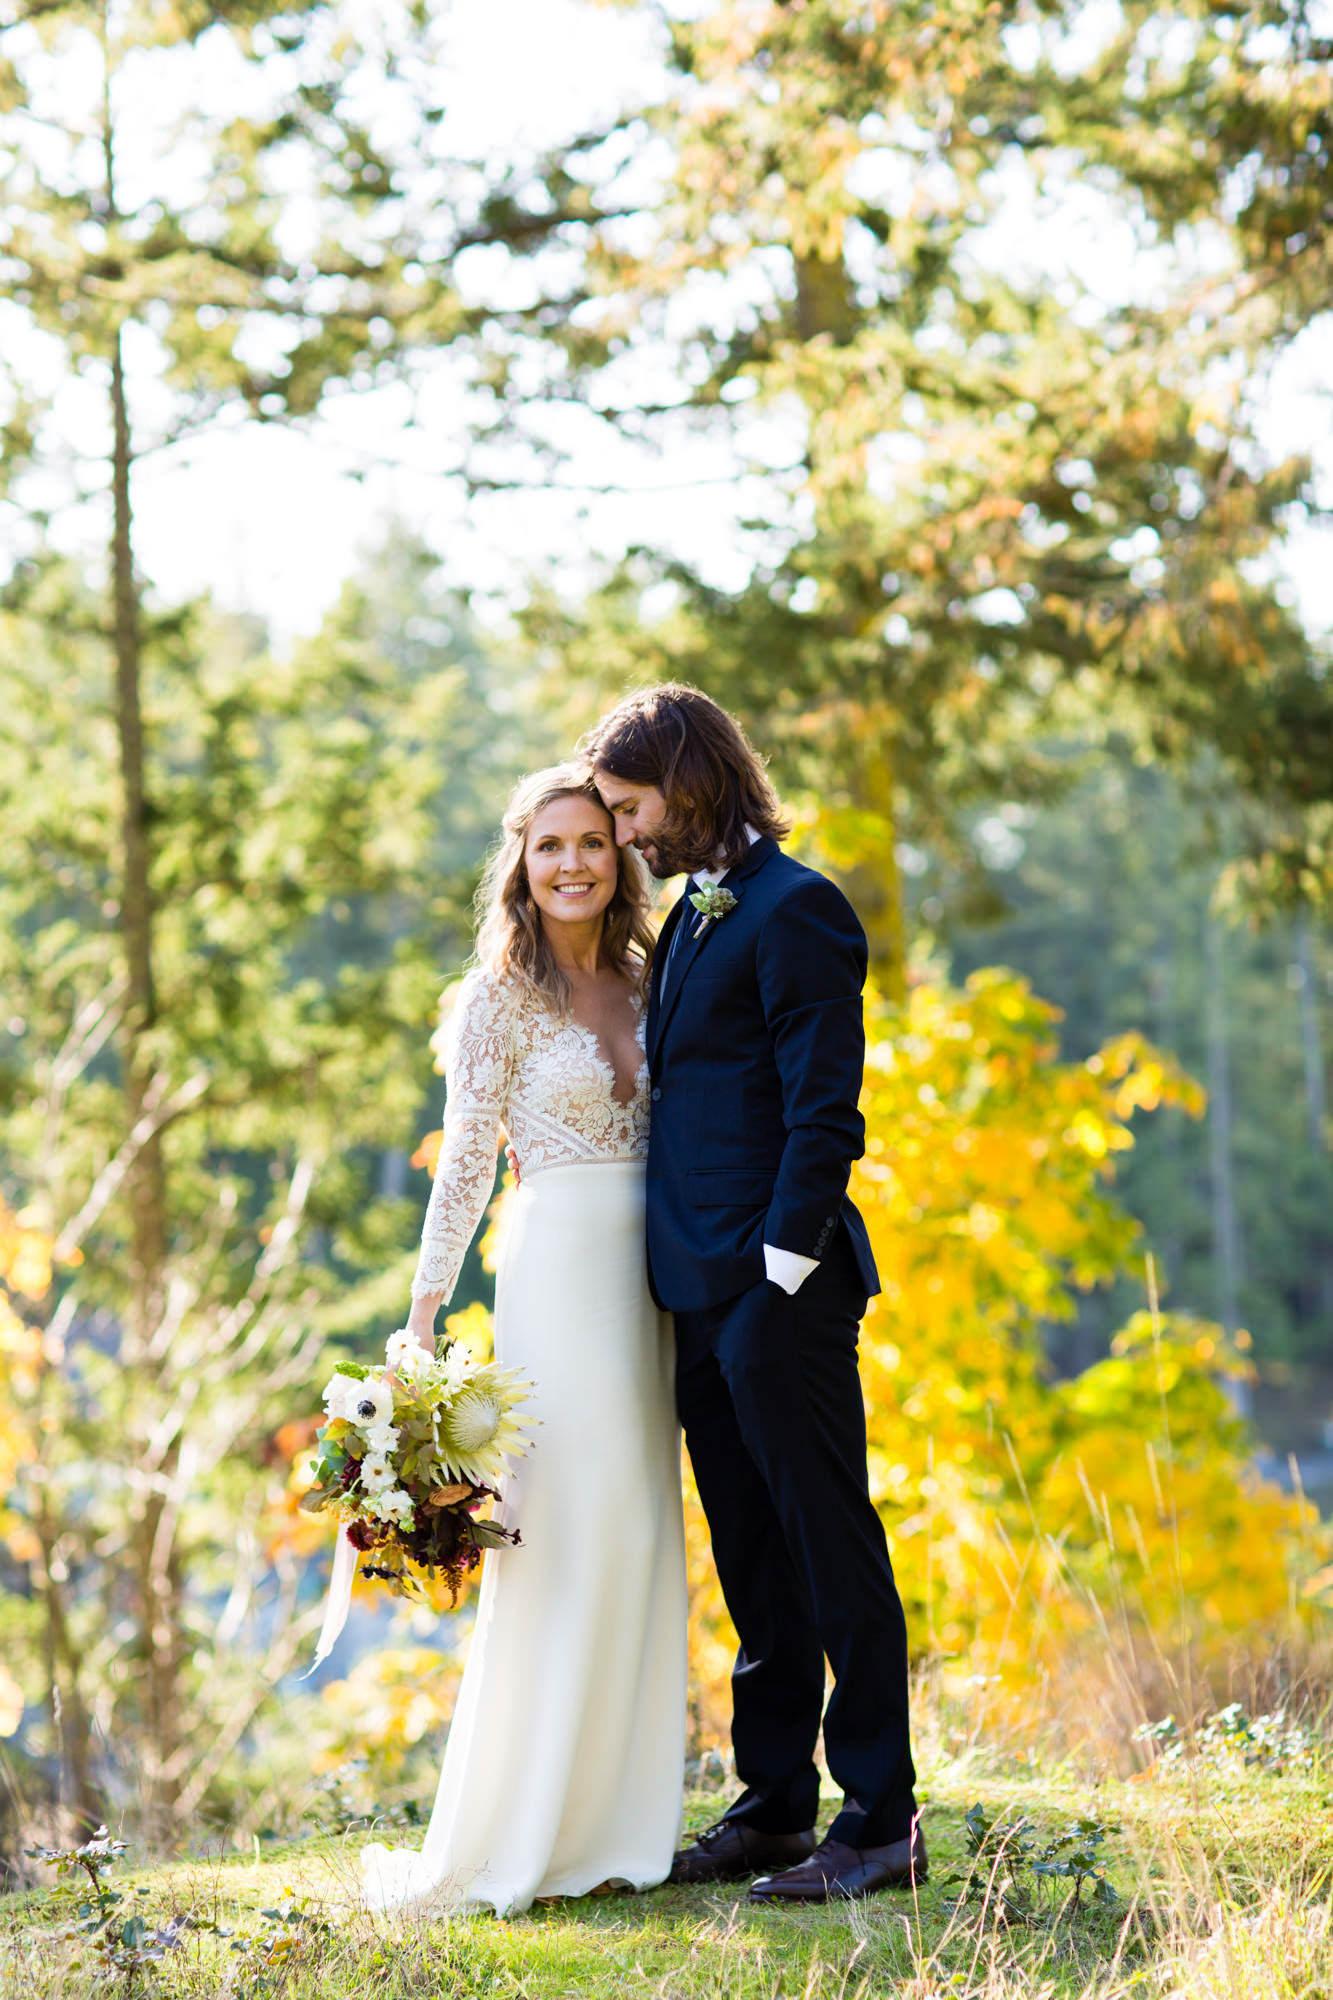 Couple portrait with bride holding summer bouquet - La Vie Photography